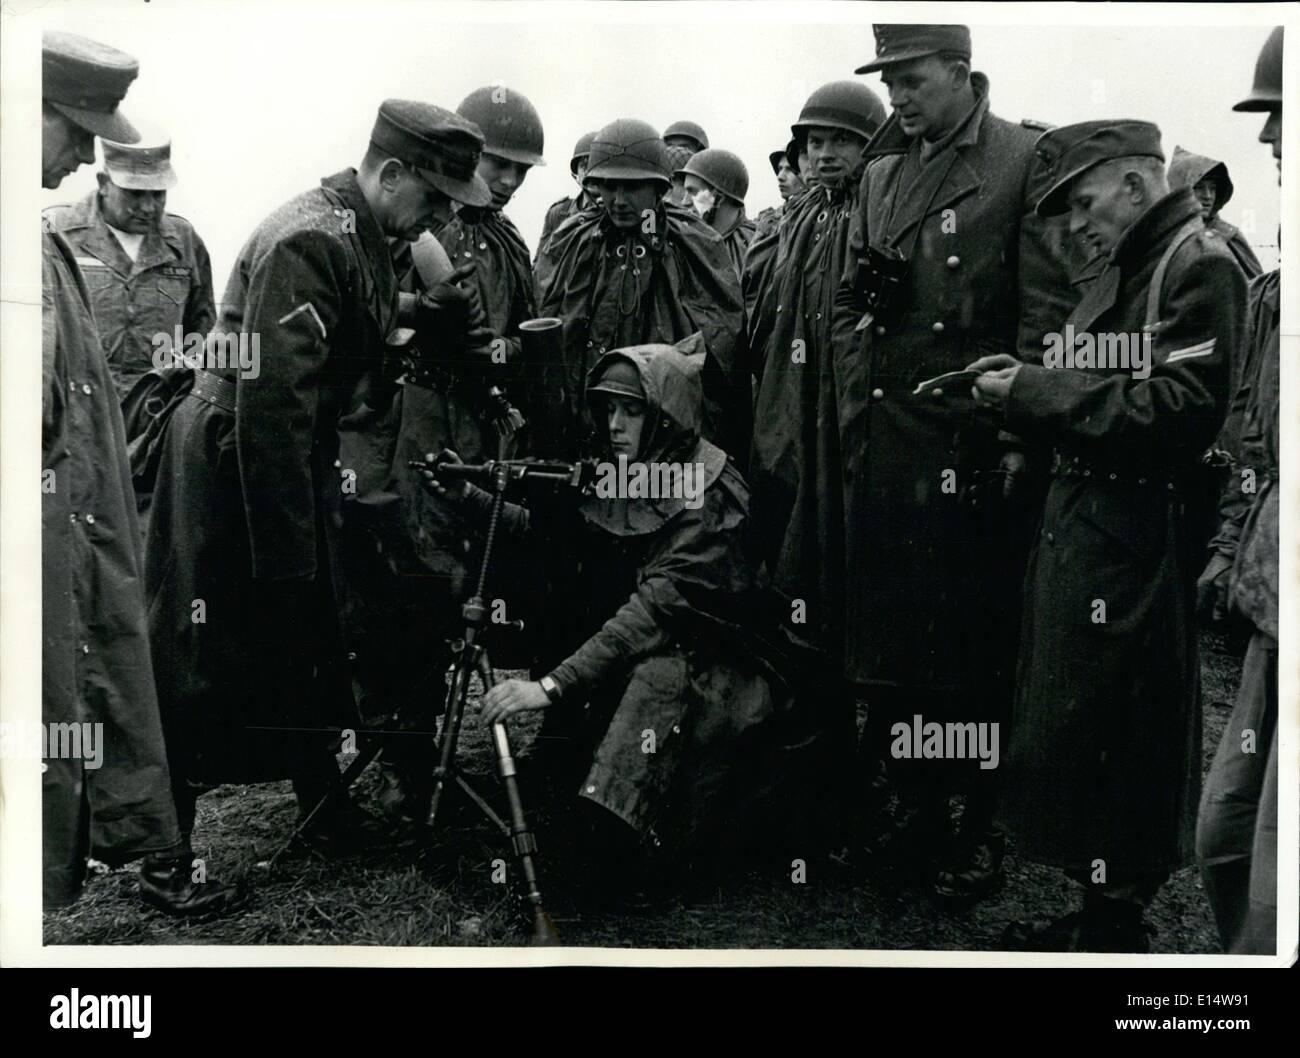 Apr. 18, 2012 - Prima della fine dell'istruzione militare soldati tedeschi sono apprese consegna ci moderno - Bracci ama i bazooka e shell. Immagini Stock